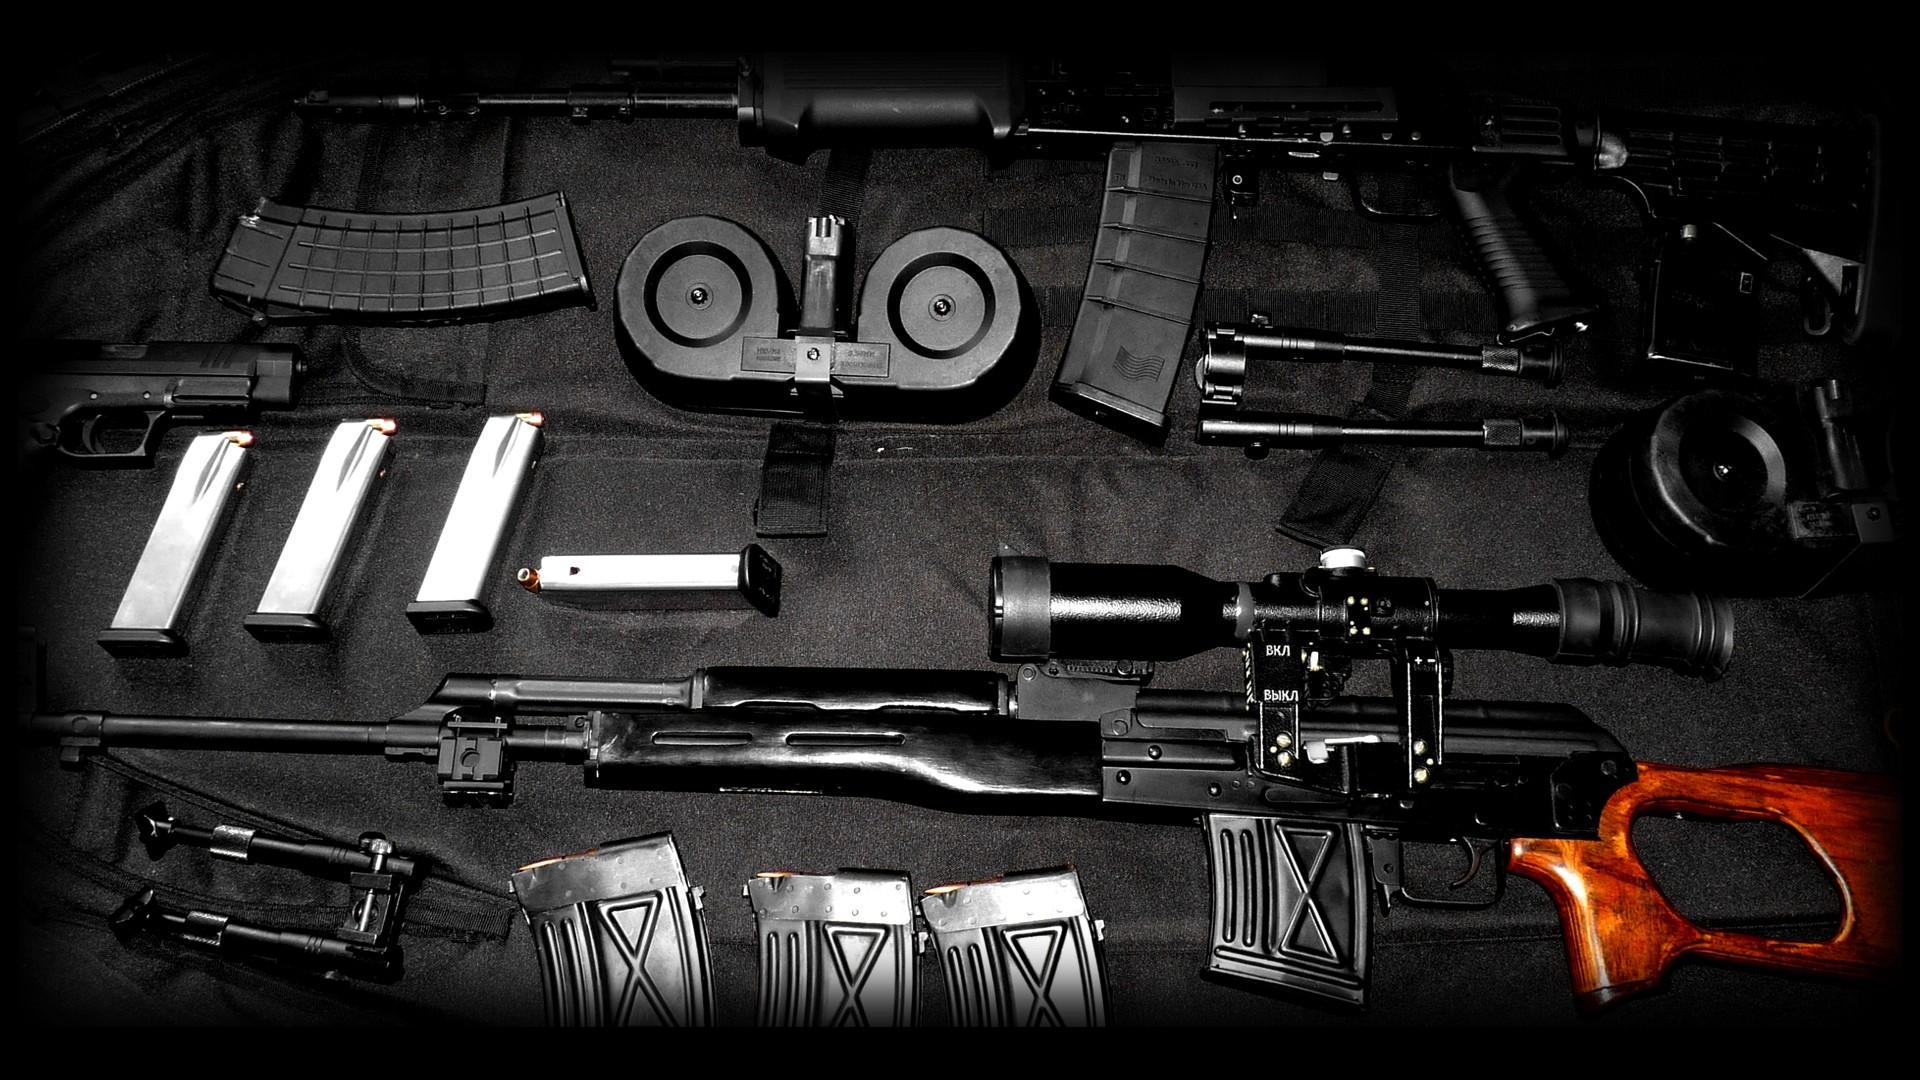 machine gun wallpapers, desktop wallpaper » GoodWP.   Guns   Pinterest    Guns and Weapons